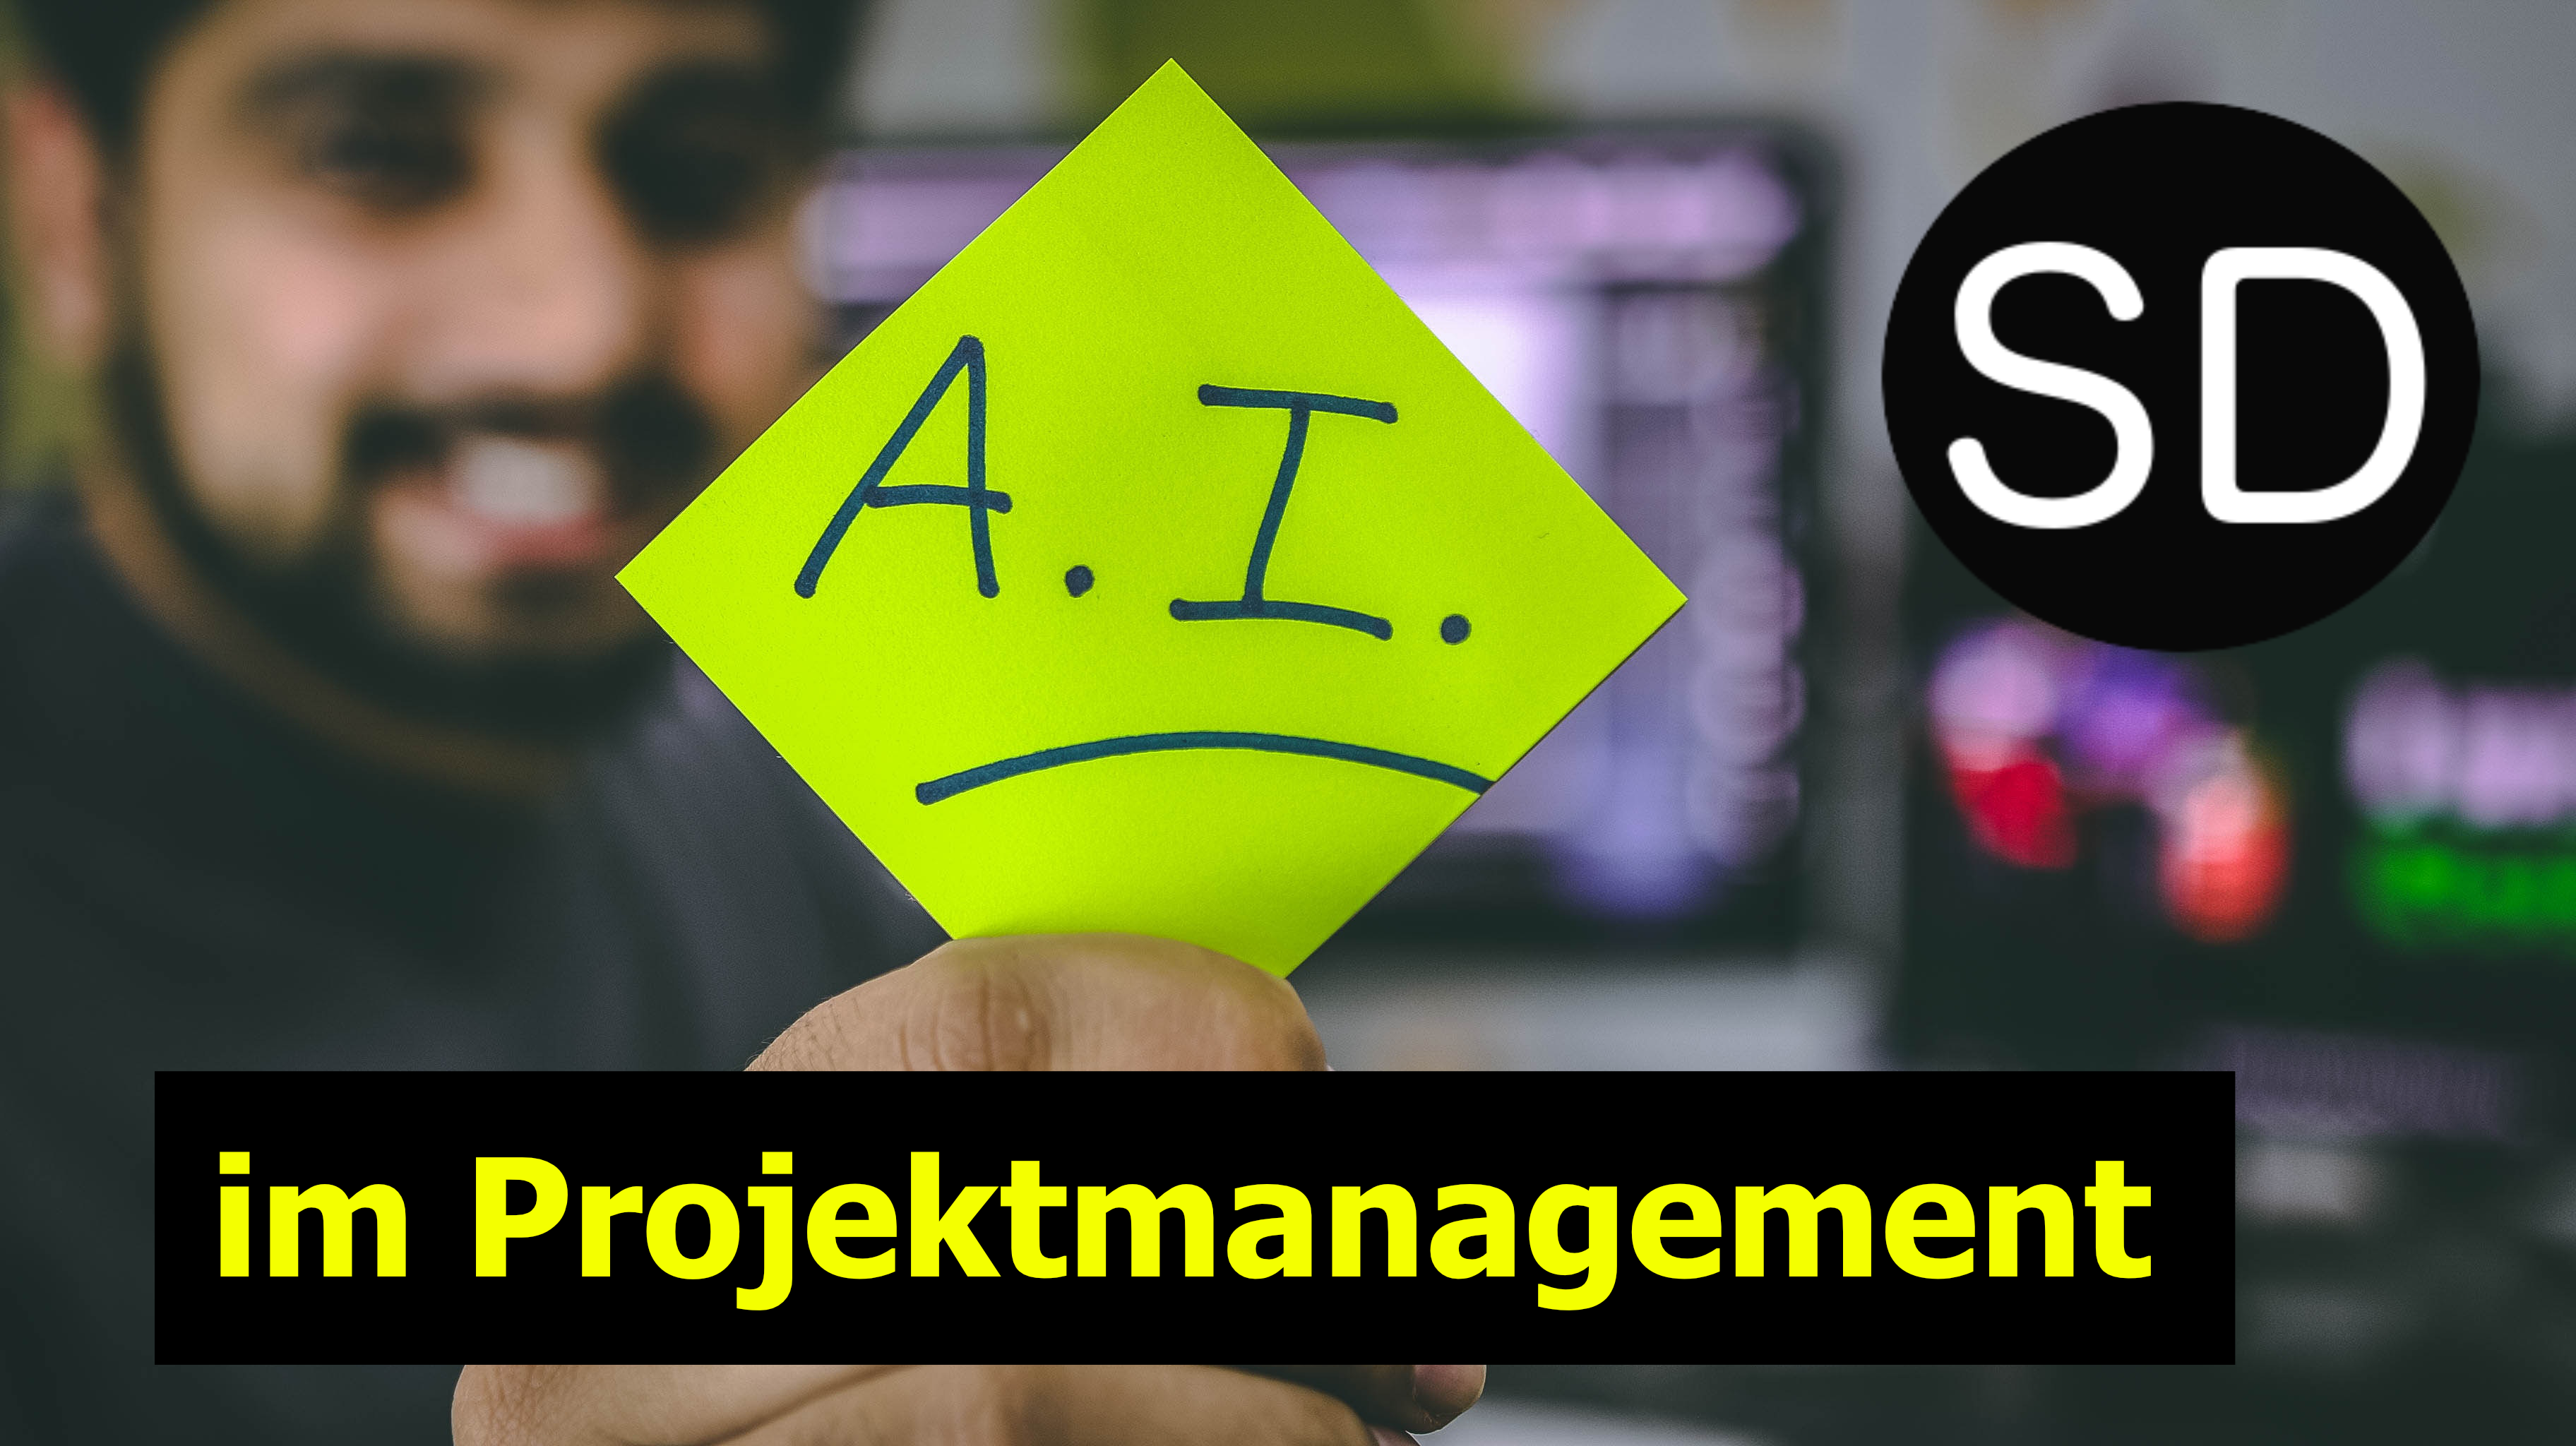 How to – Projektmanagement mit Vorhersagen